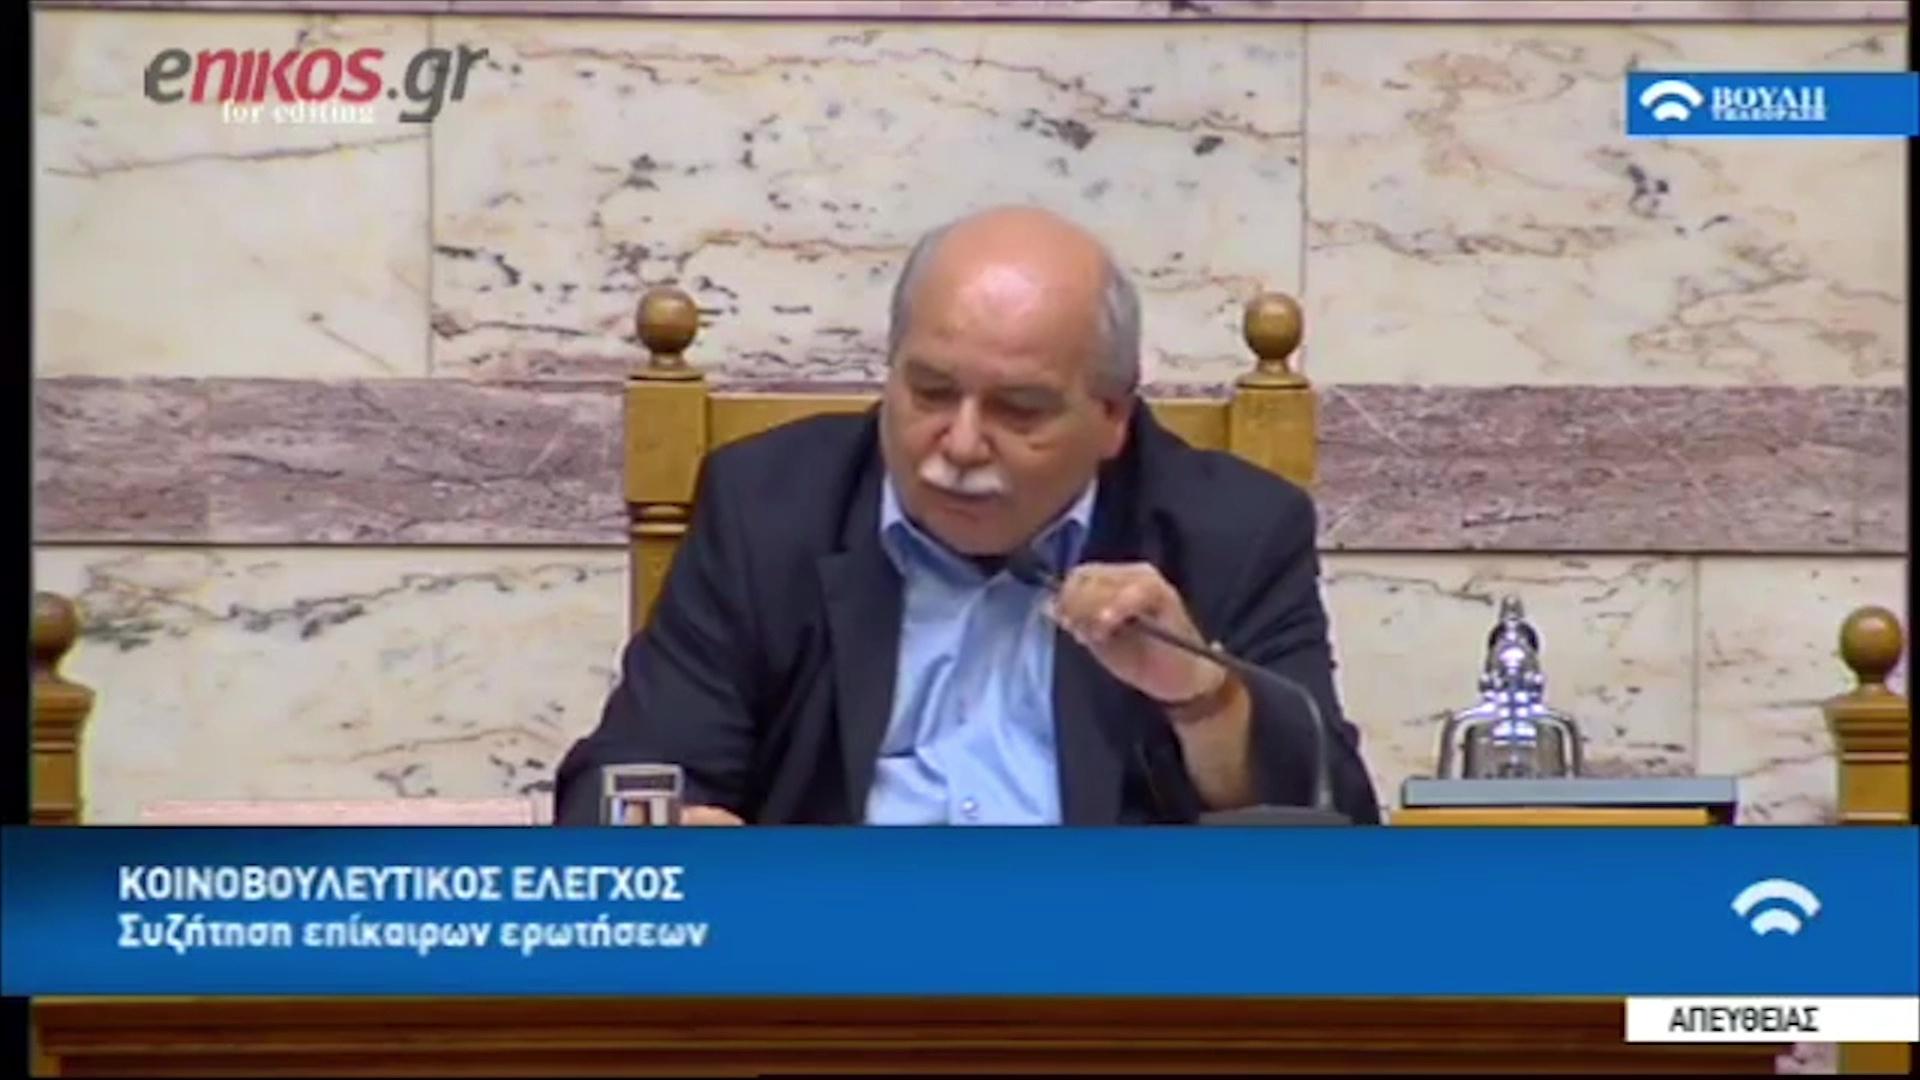 Çështja e emrit të Maqedonisë përçan koalicionin qeverisës në Greqi